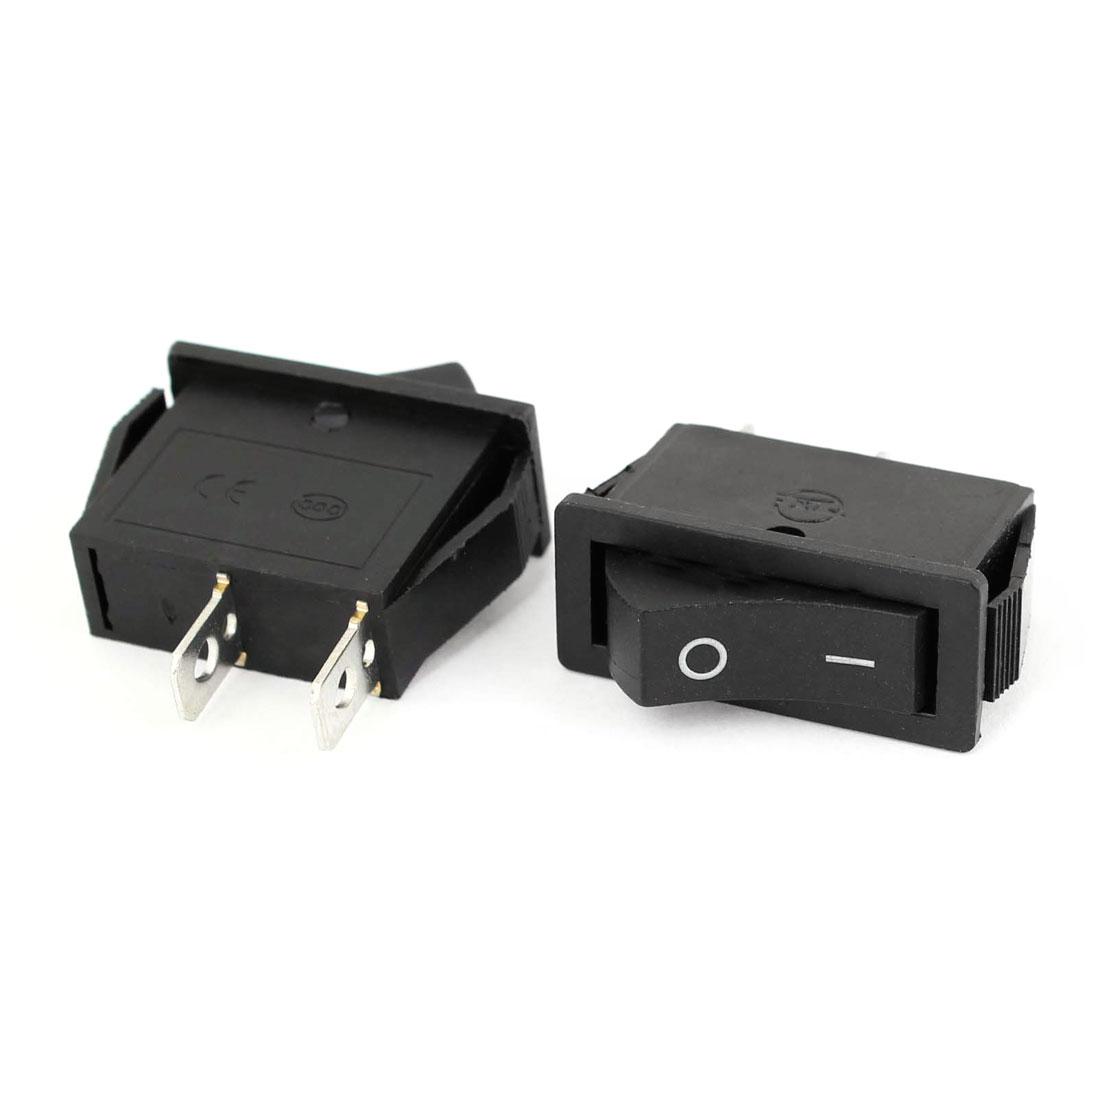 2 Pcs Auto Car AC 15A/250V 20A/125V 2 Pin 2 Position ON/OFF Rocker Switch KCD3